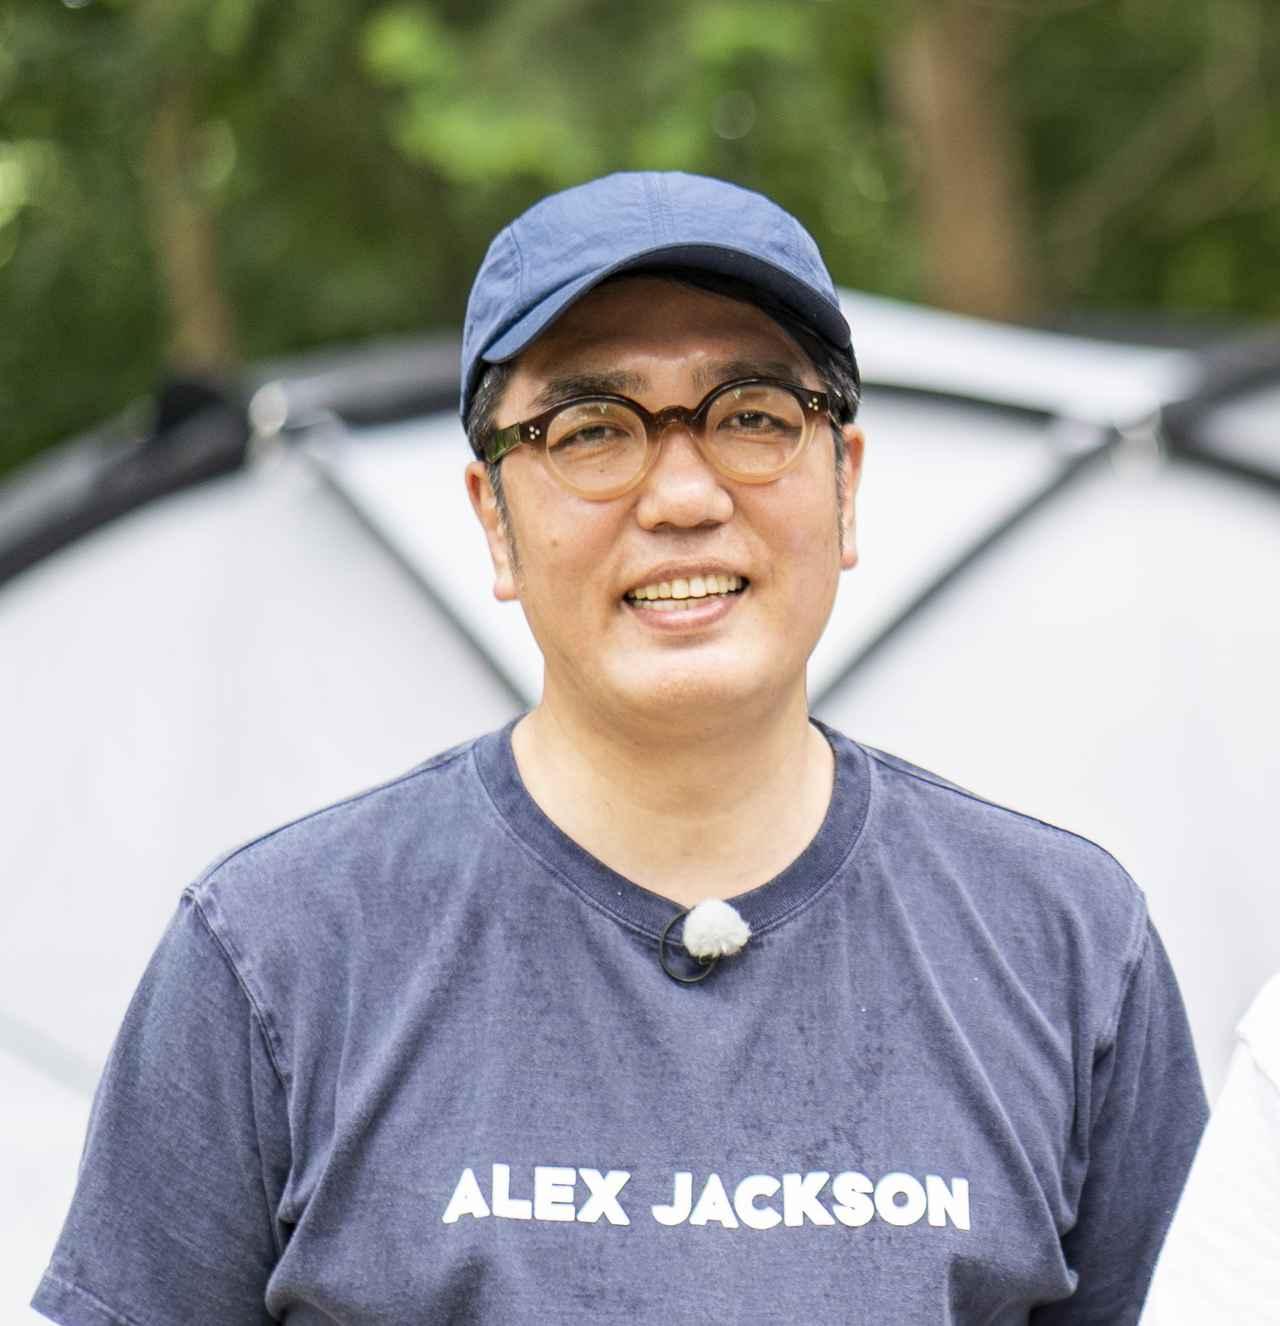 画像8: 【番組ロケ密着】「おぎやはぎのハピキャン ノリさんとキャンプしてみましたSP」!ココリコ遠藤・狩野英孝・ボイメンも参加して「木梨の貝。」もついて来ちゃったキャンプ!